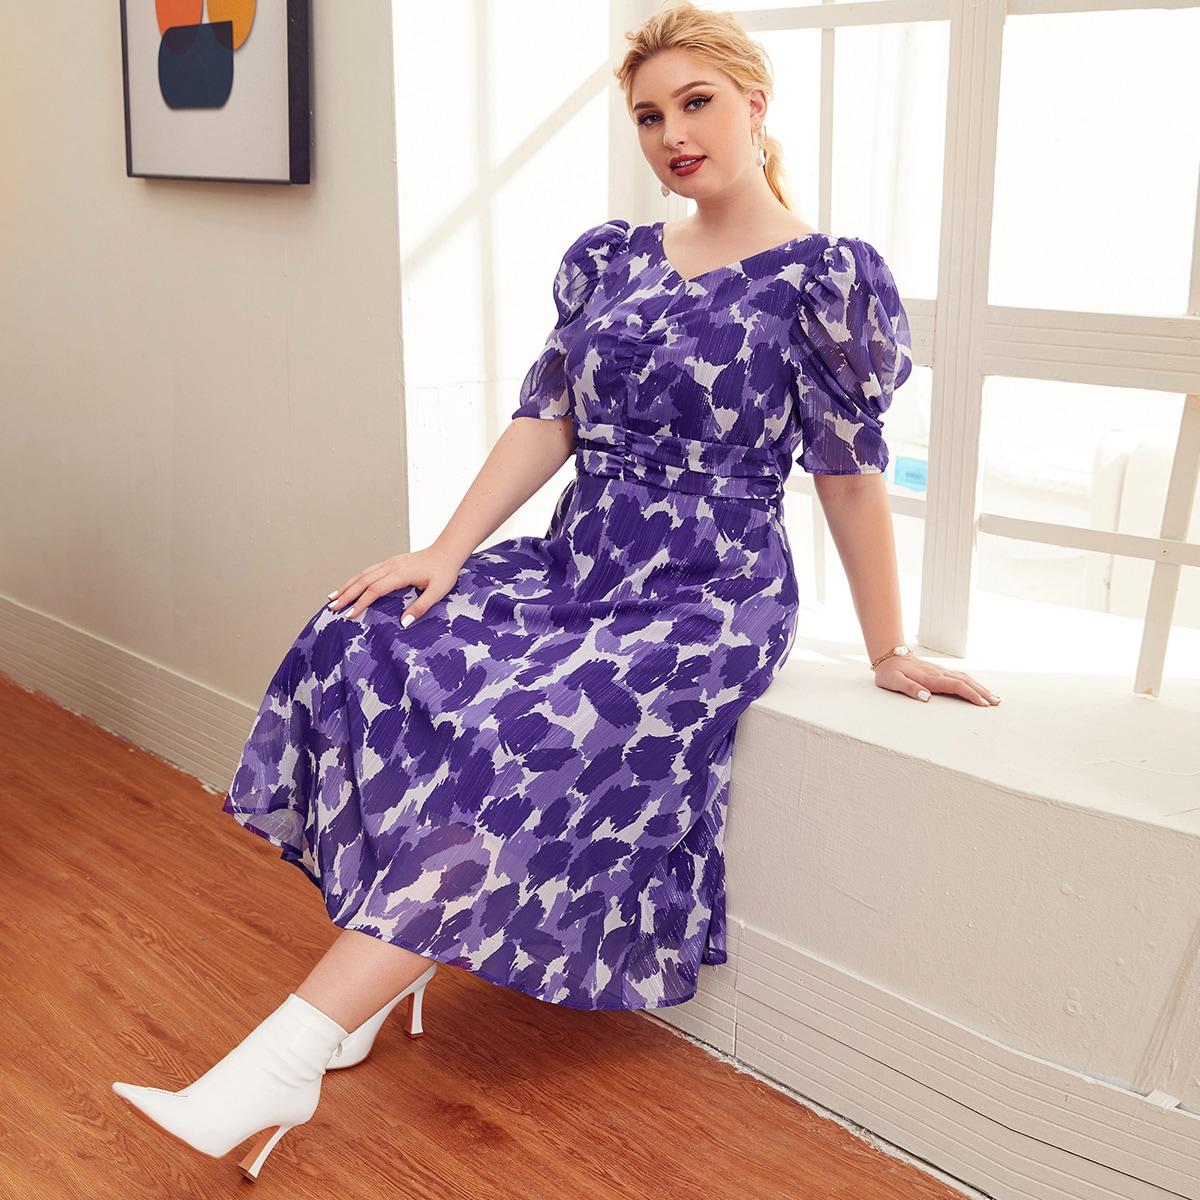 Разноцветное платье размера плюс с пышным рукавом и складкой